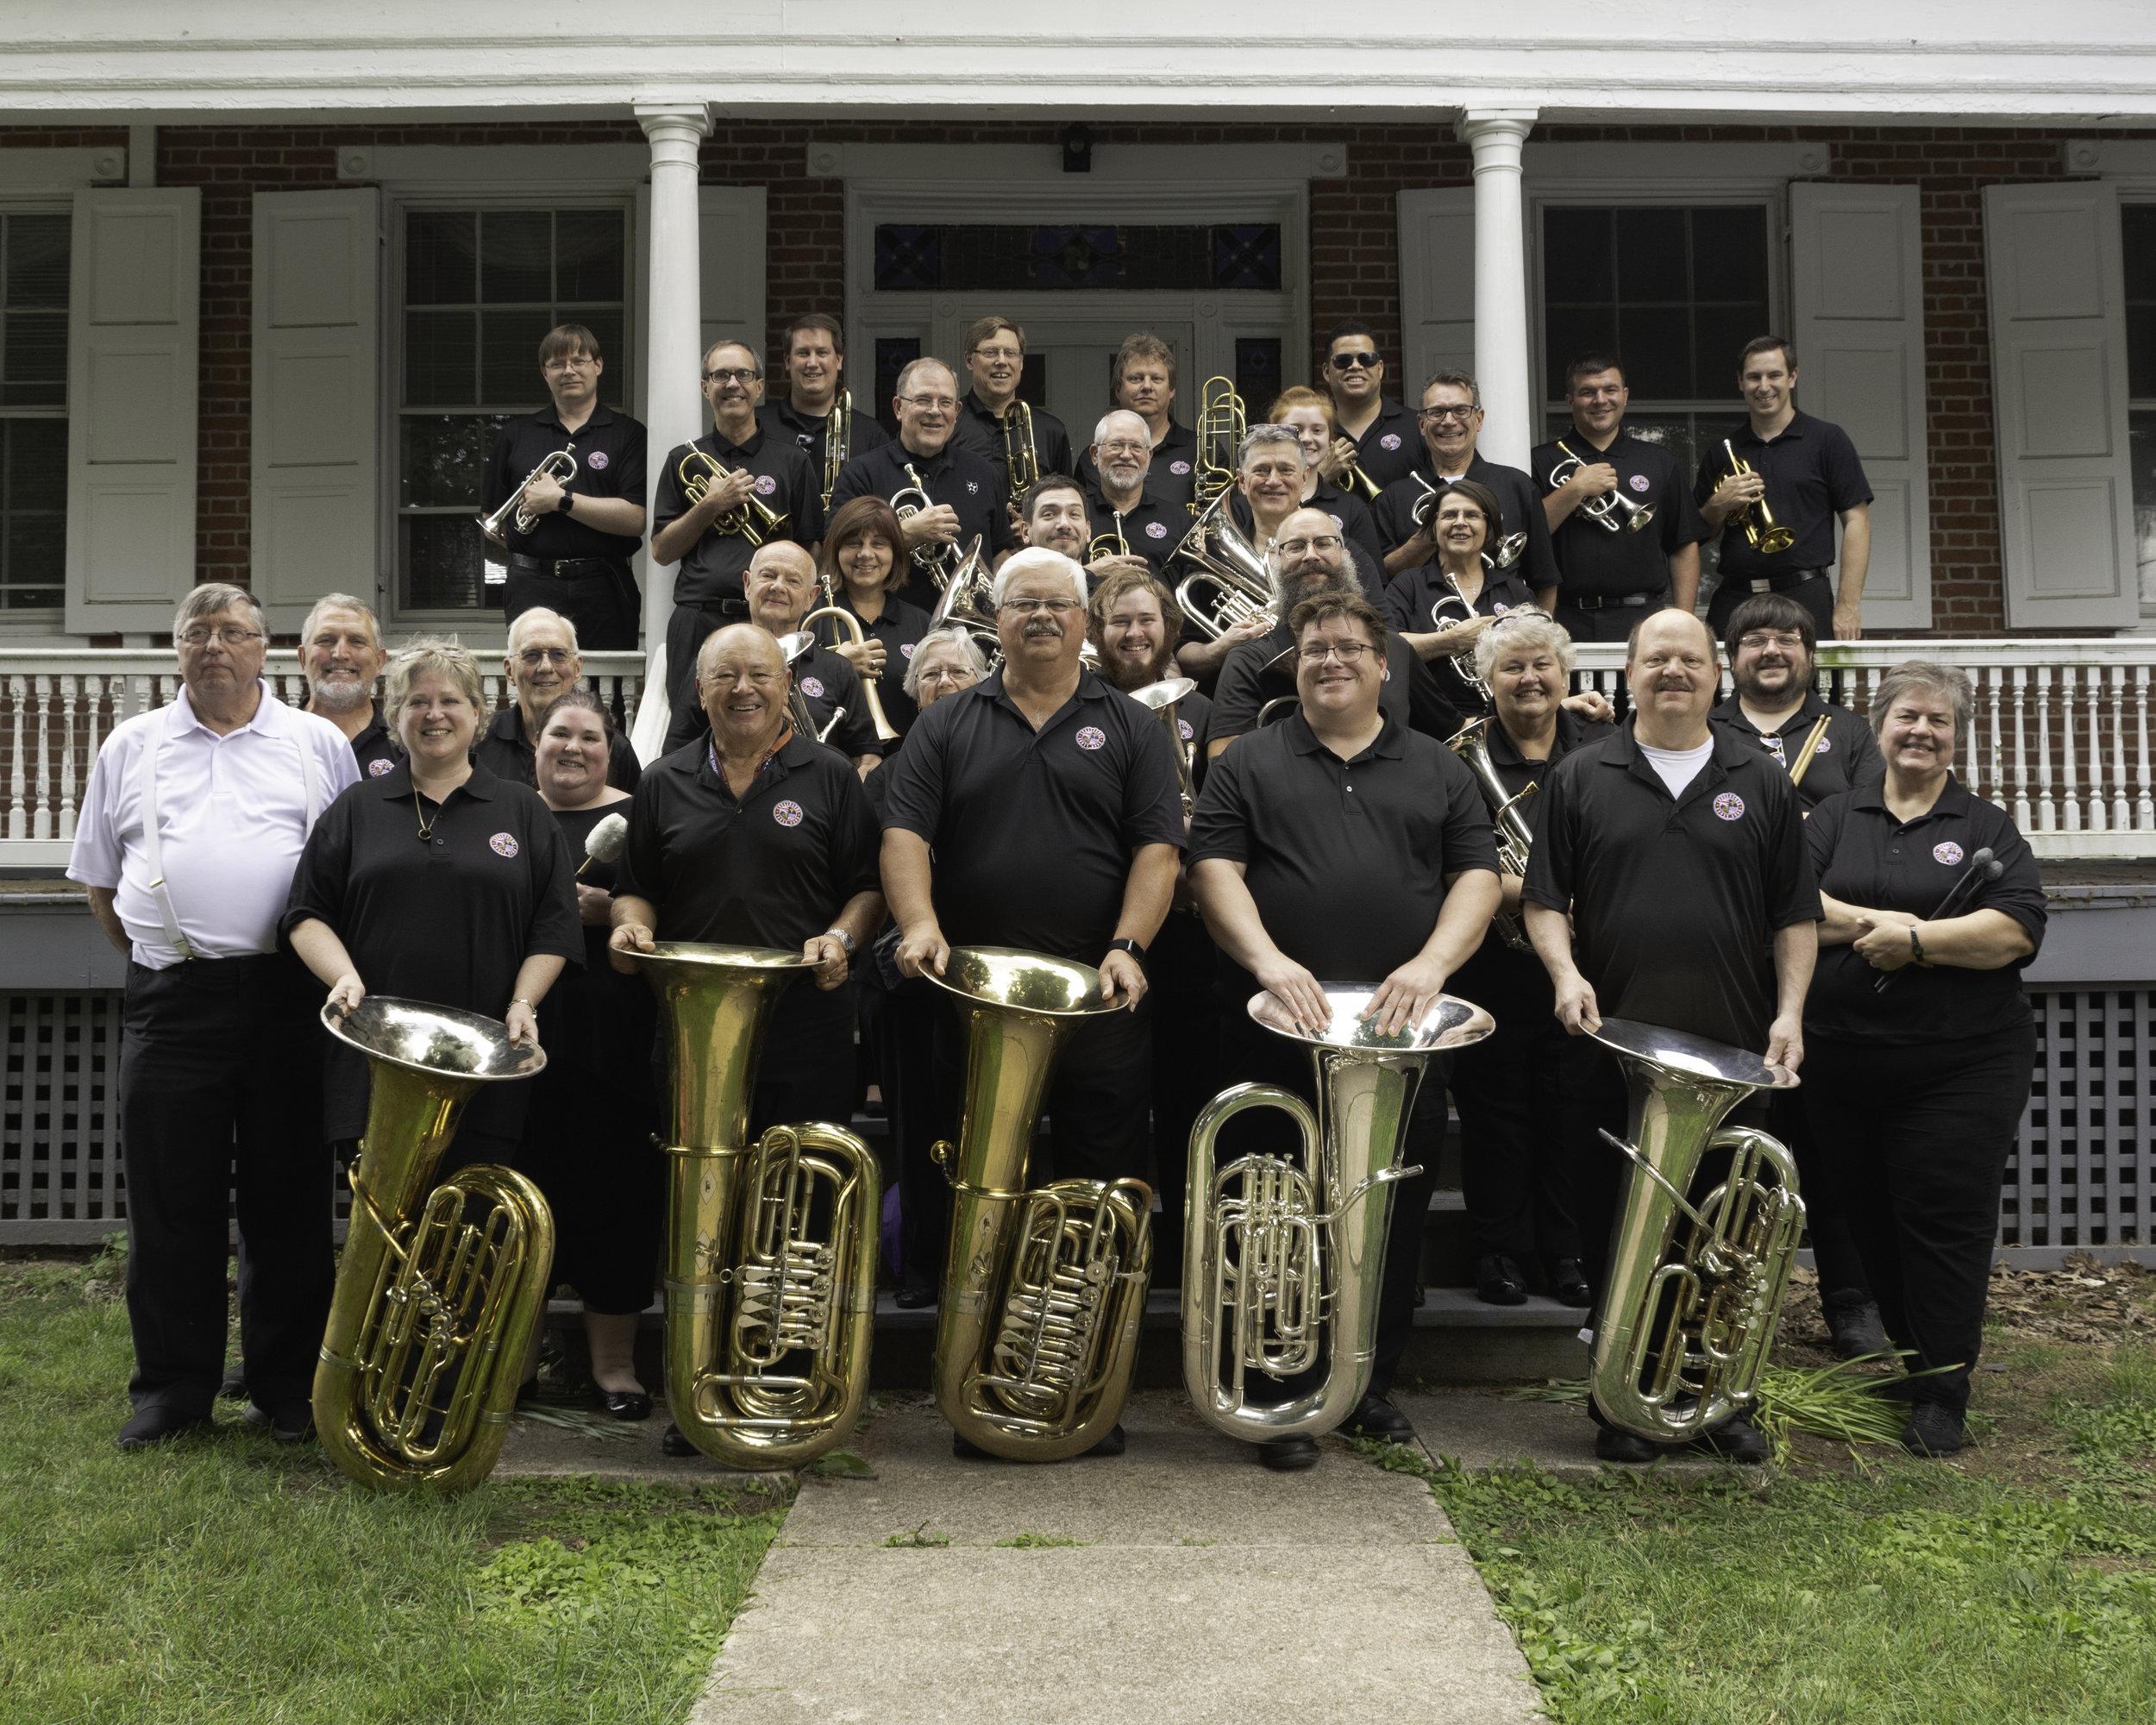 Gettysburg Festival of Brass 2019